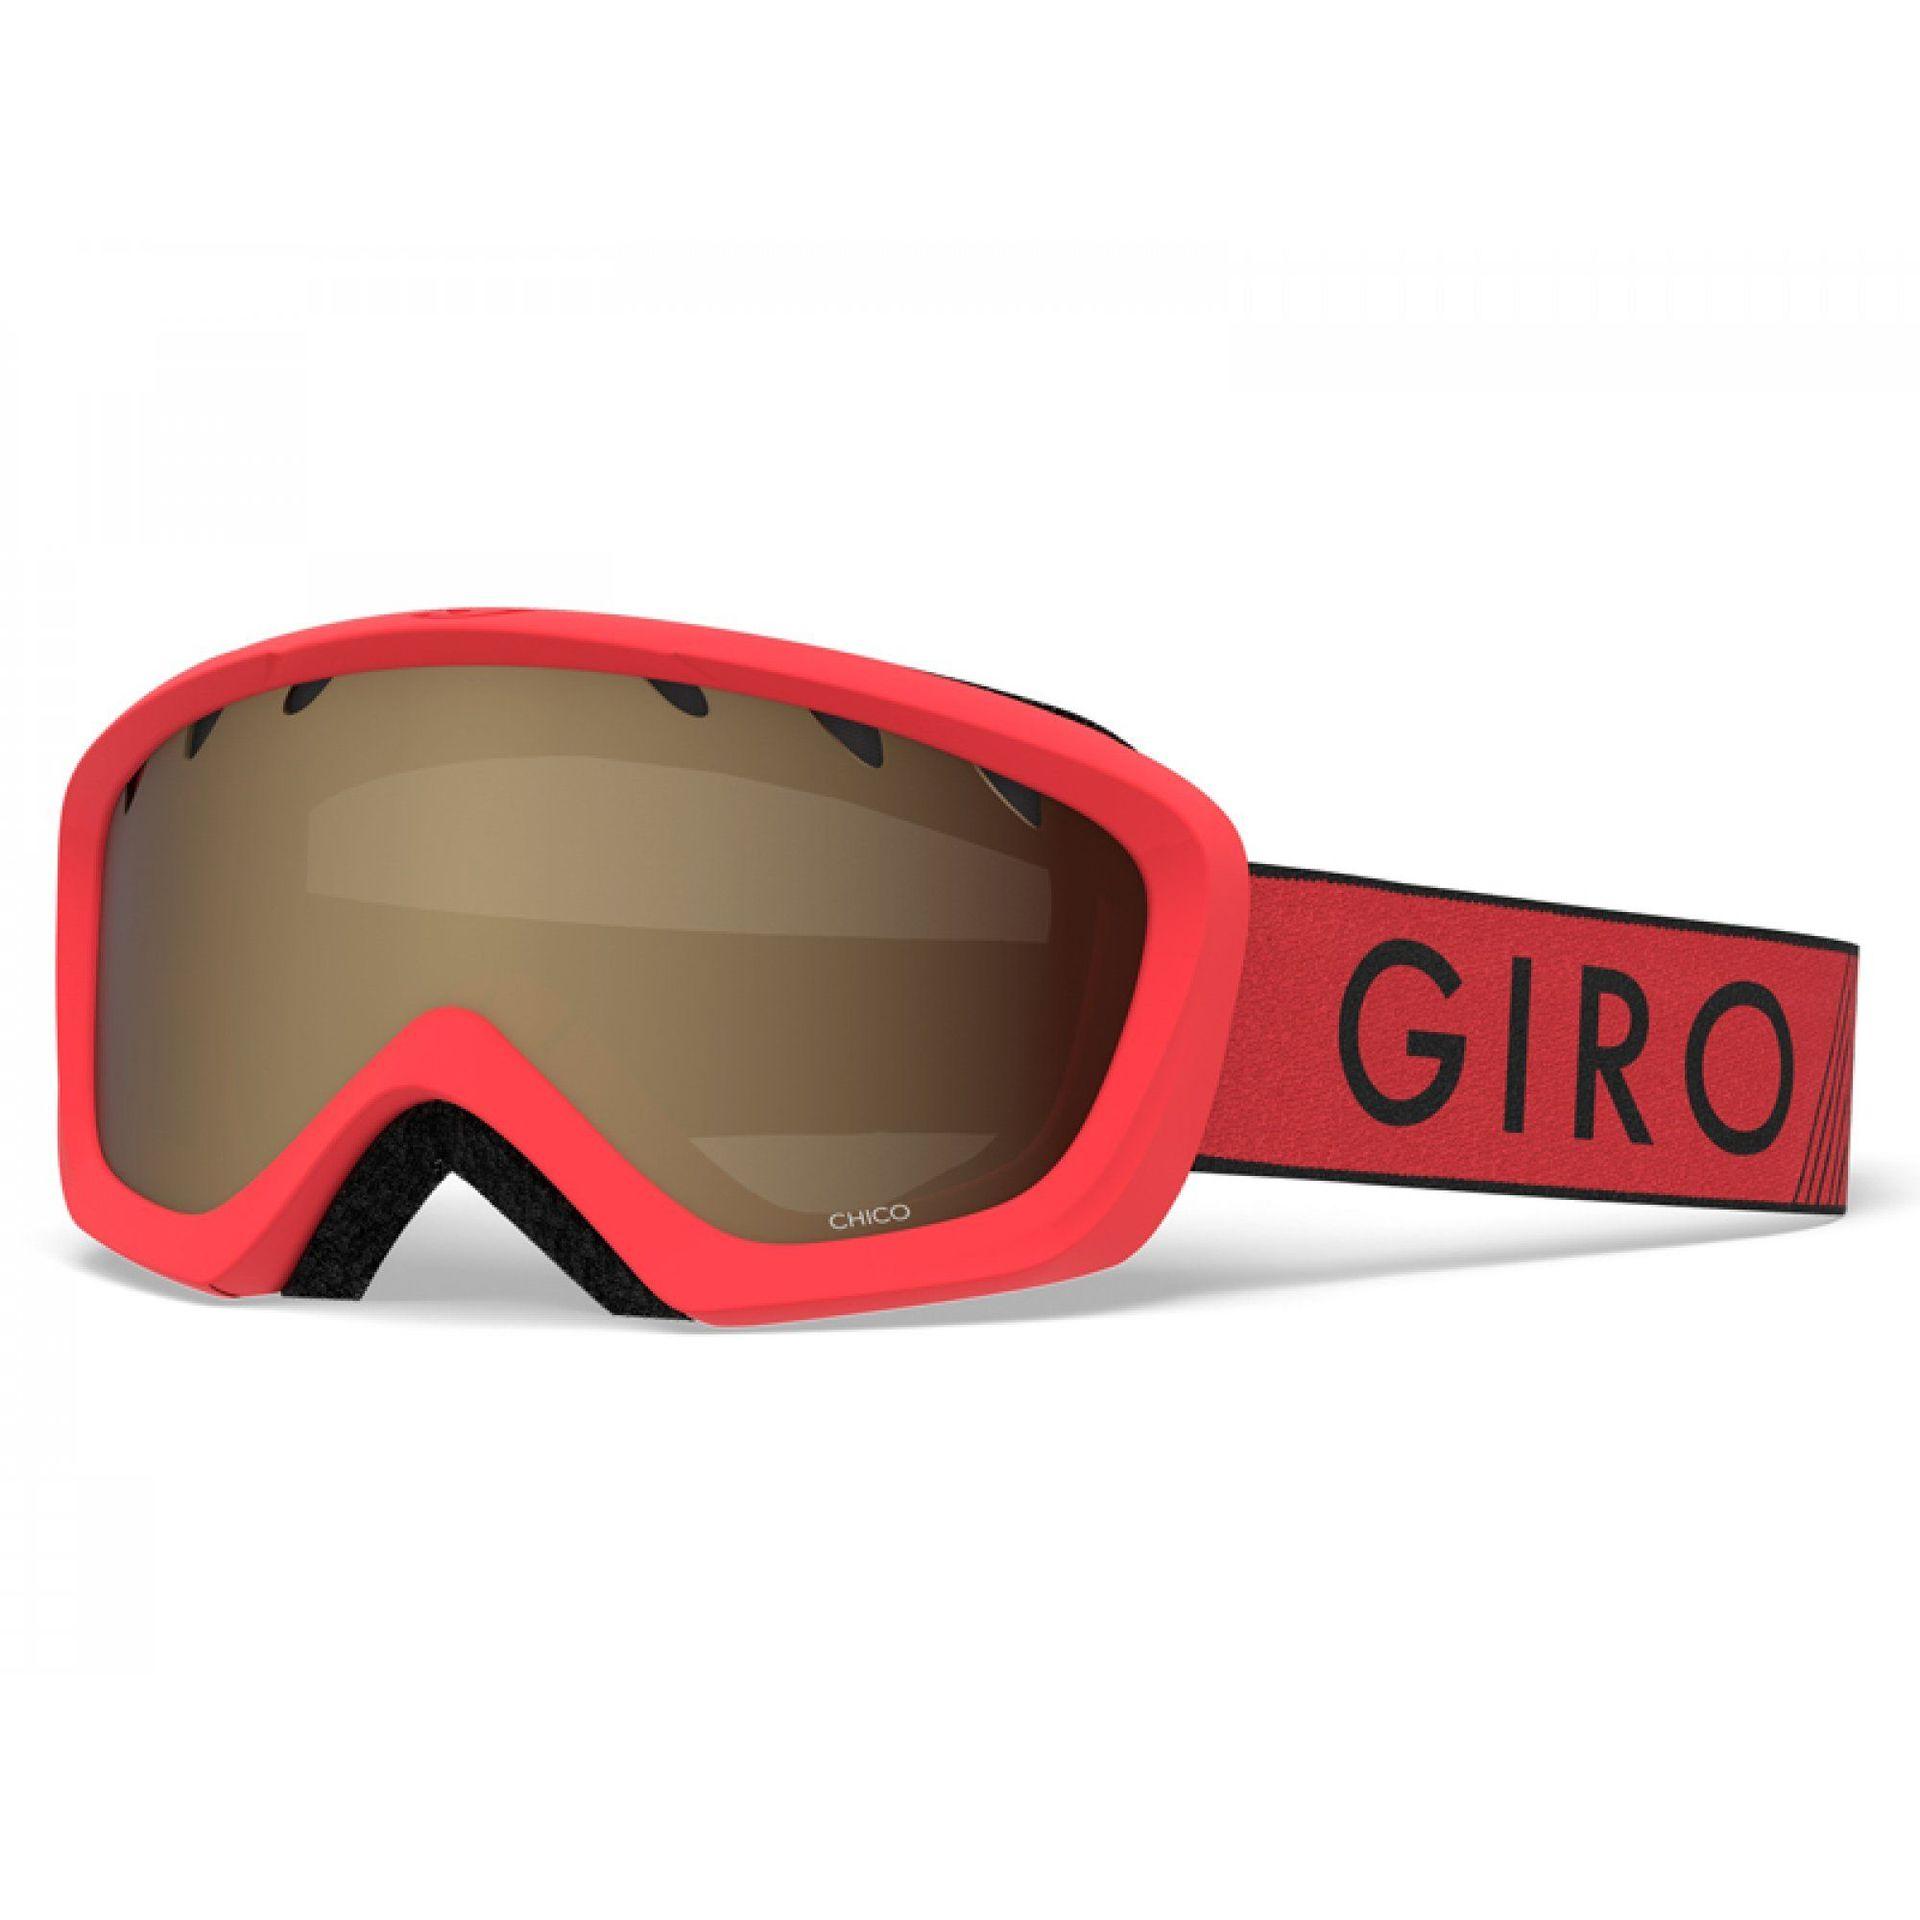 GOGLE GIRO CHICO RED BLACK ZOOM|AMBER ROSE 1